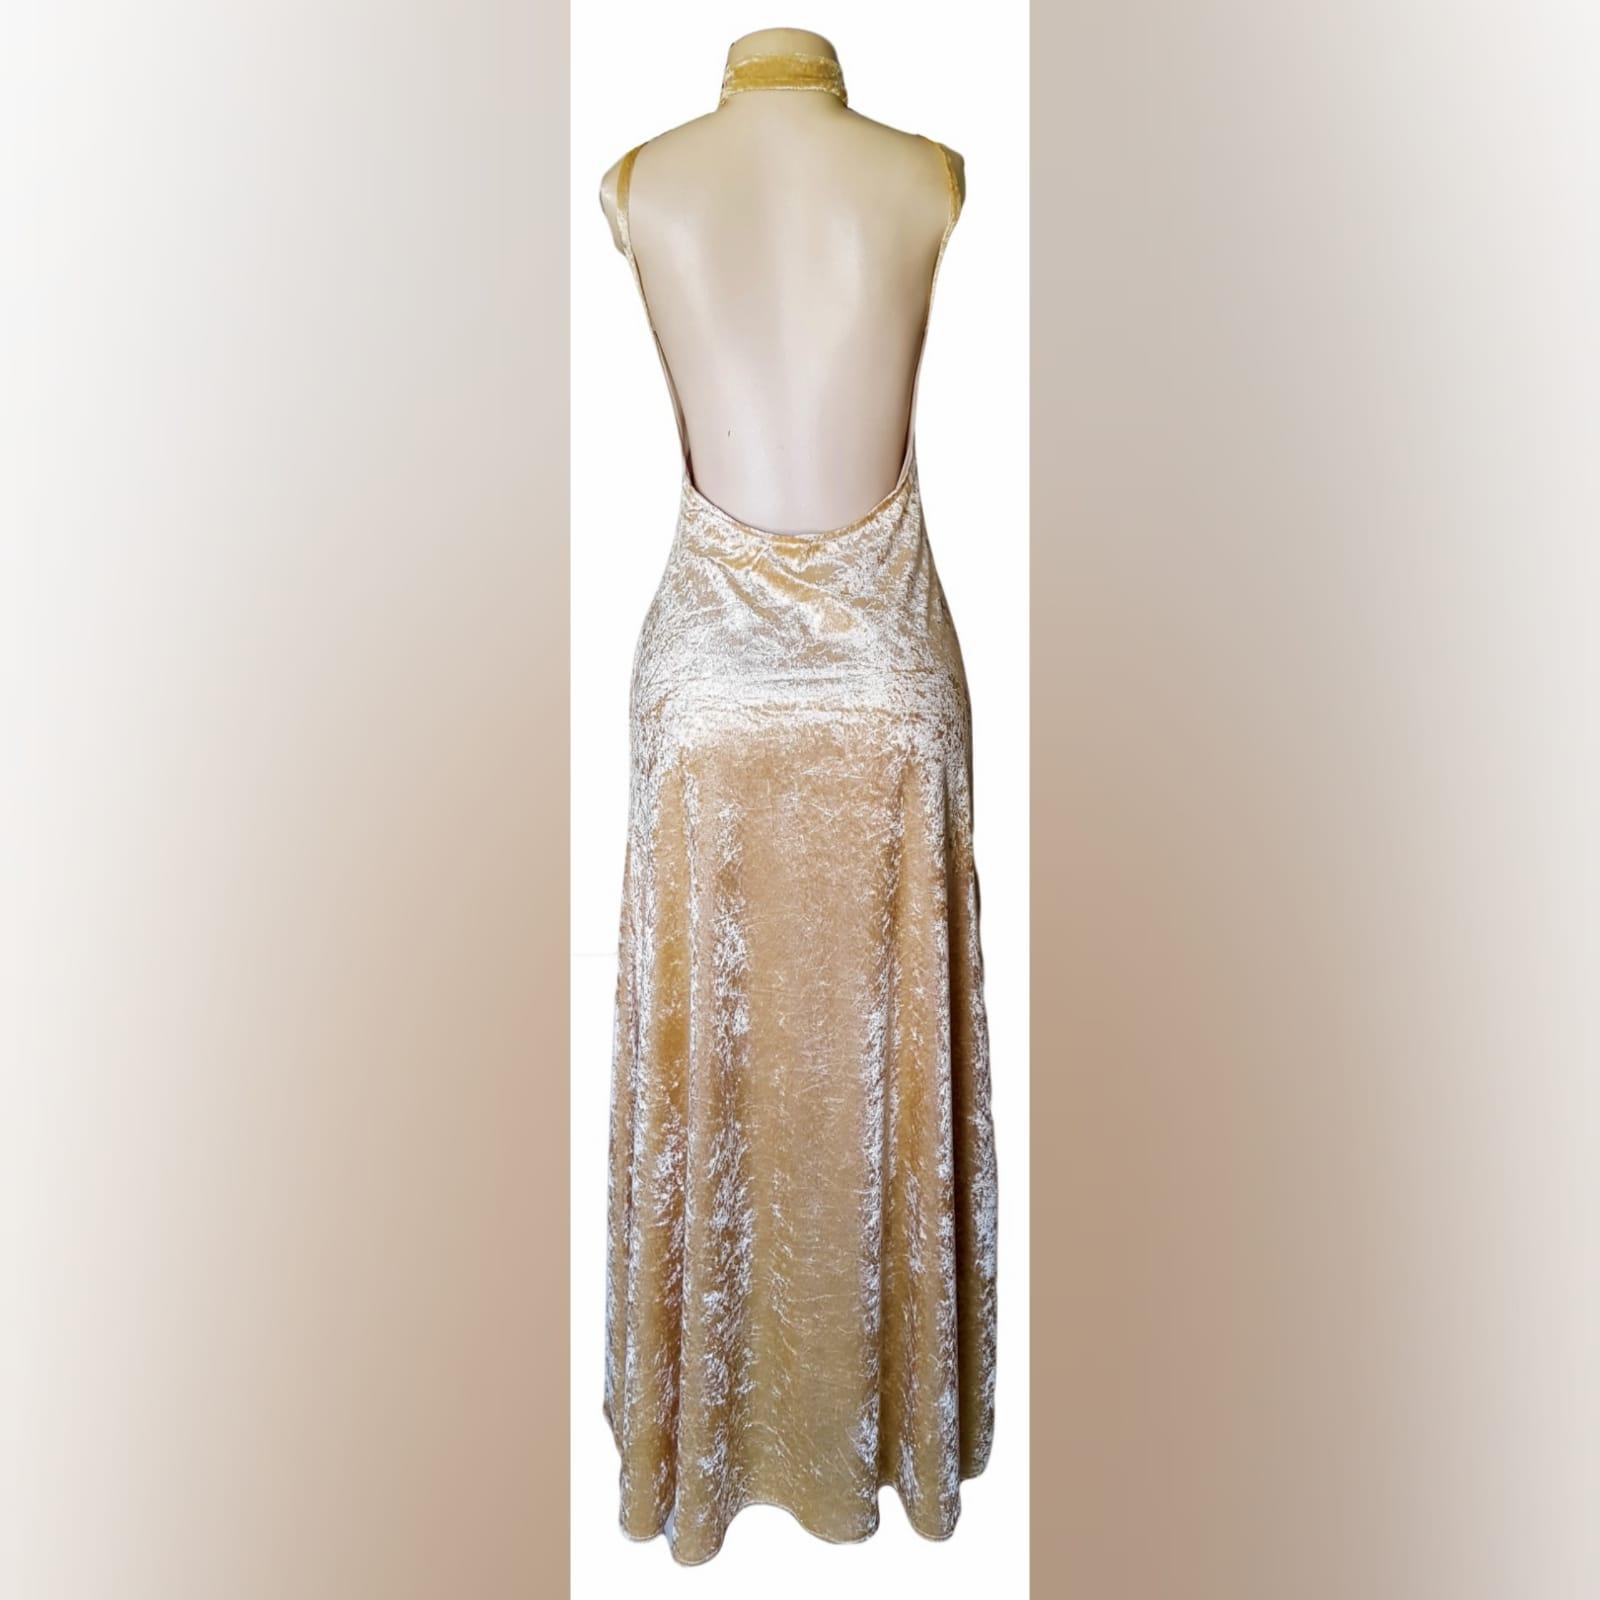 Vestido cerimonia champagne de veludo 4 vestido cerimonia champagne de veludo com decote v, costas abertas arredondadas com uma racha e gargantilha correspondente.